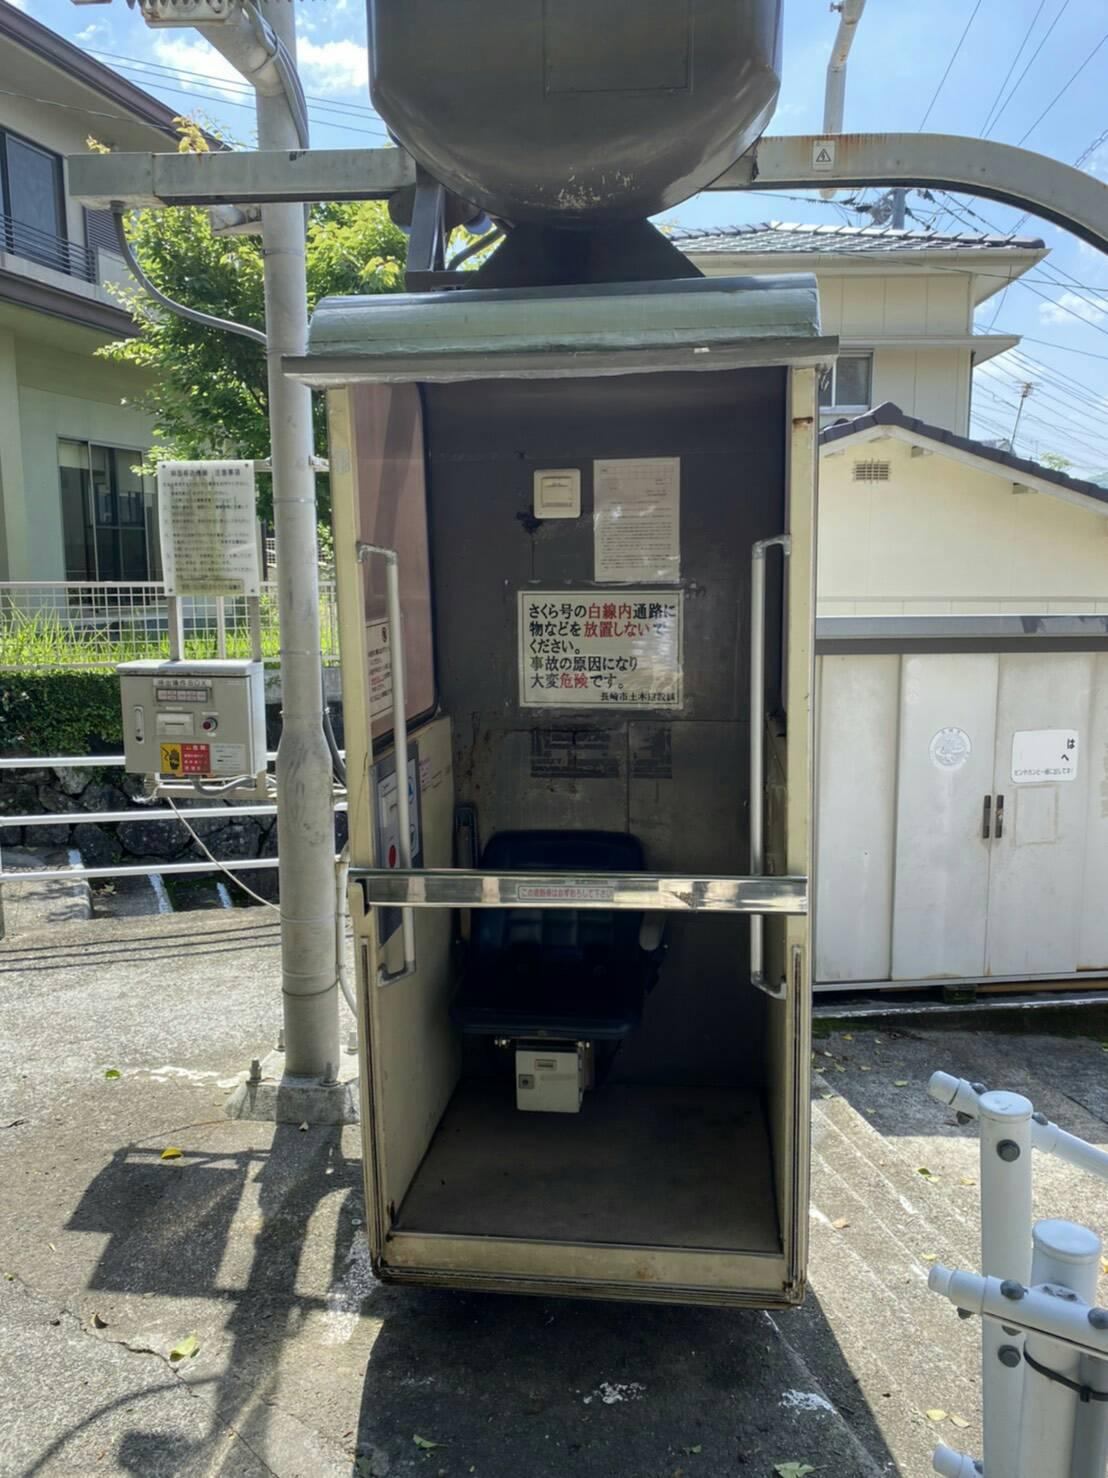 長崎のボロ戸建投資を楽しむのブログ長崎の「斜面移送システム」ってご存知ですか?